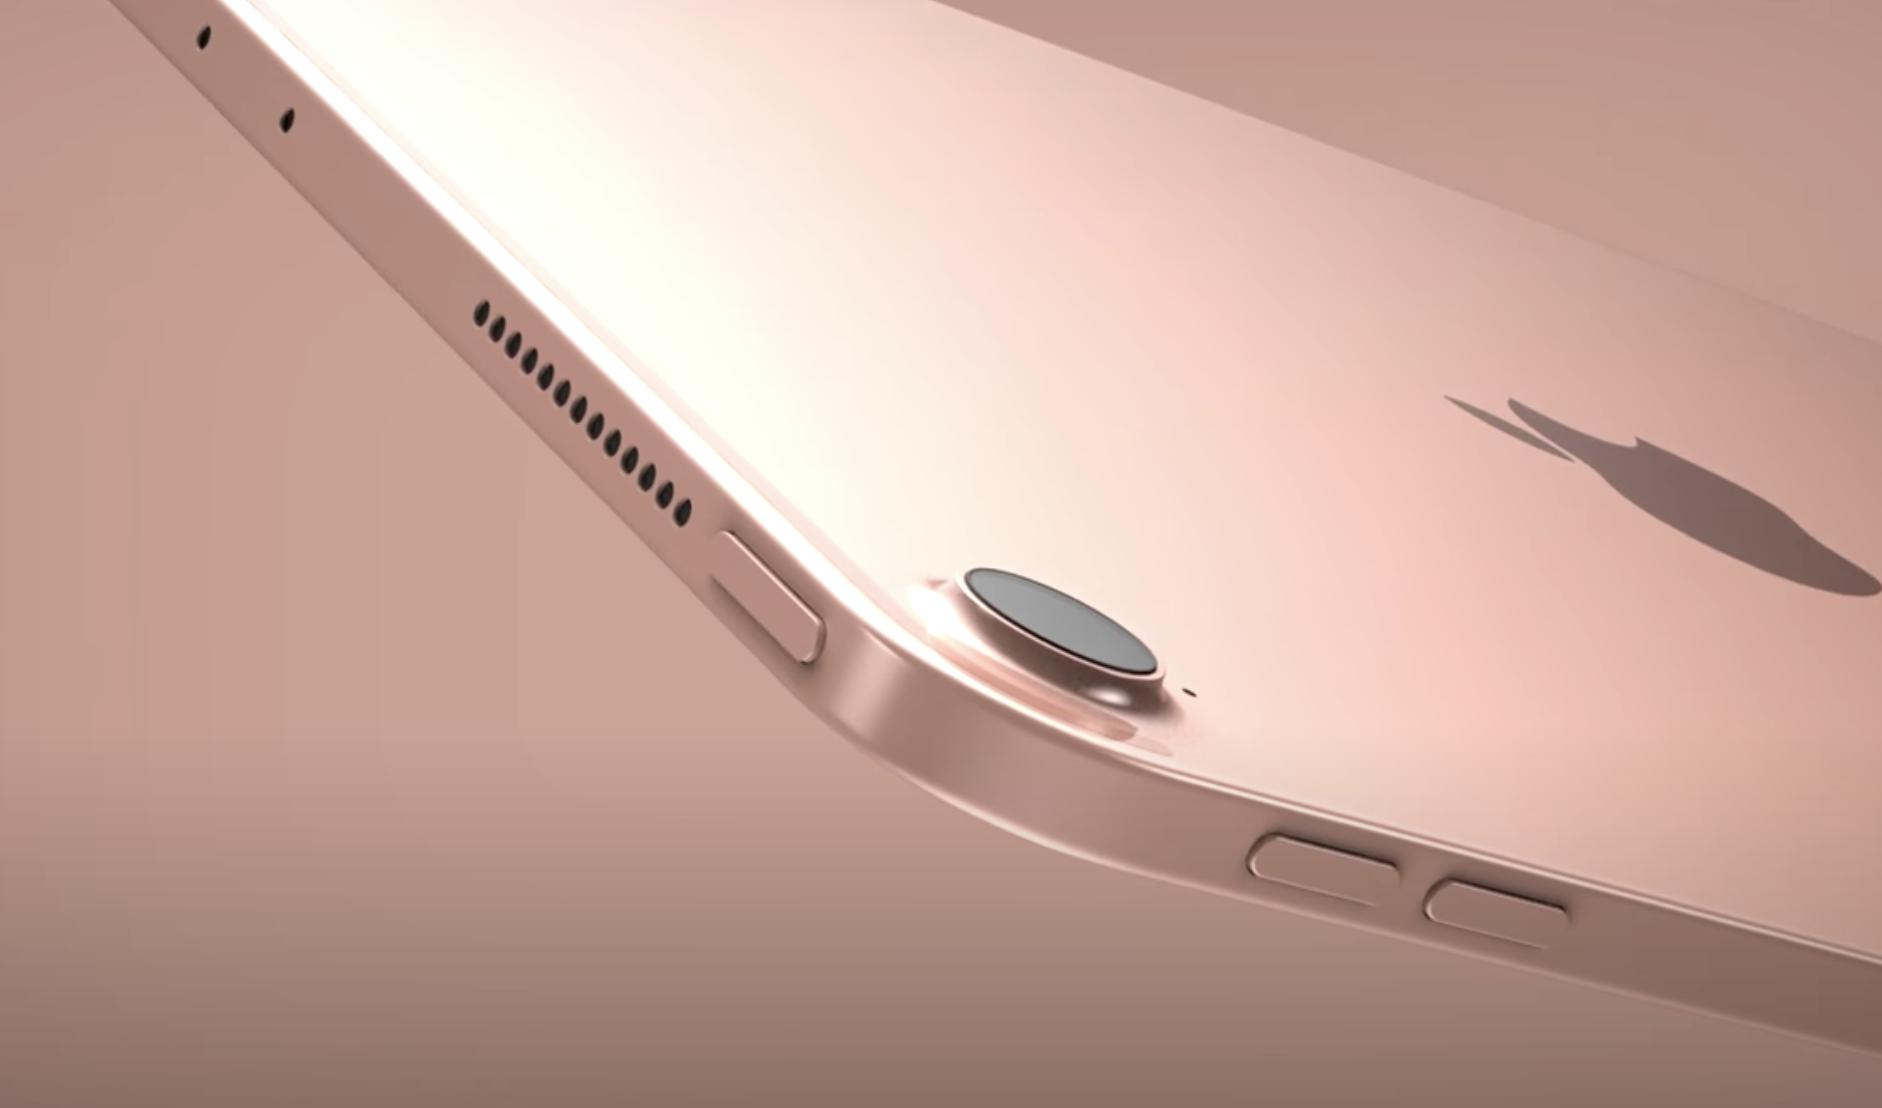 [2020年]新型iPad Air 4ケース人気おすすめ10選|軽量・耐衝撃・おしゃれ